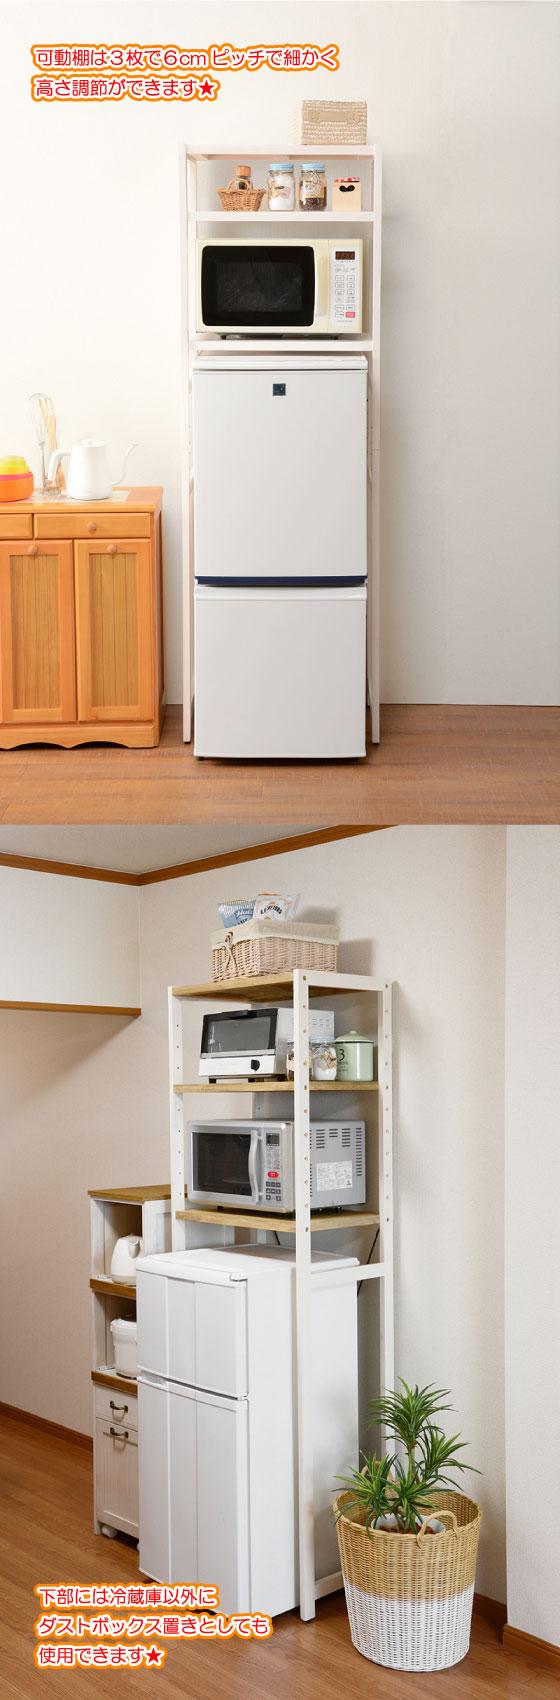 天然木桐製・キッチンラック(高さ調節可能)